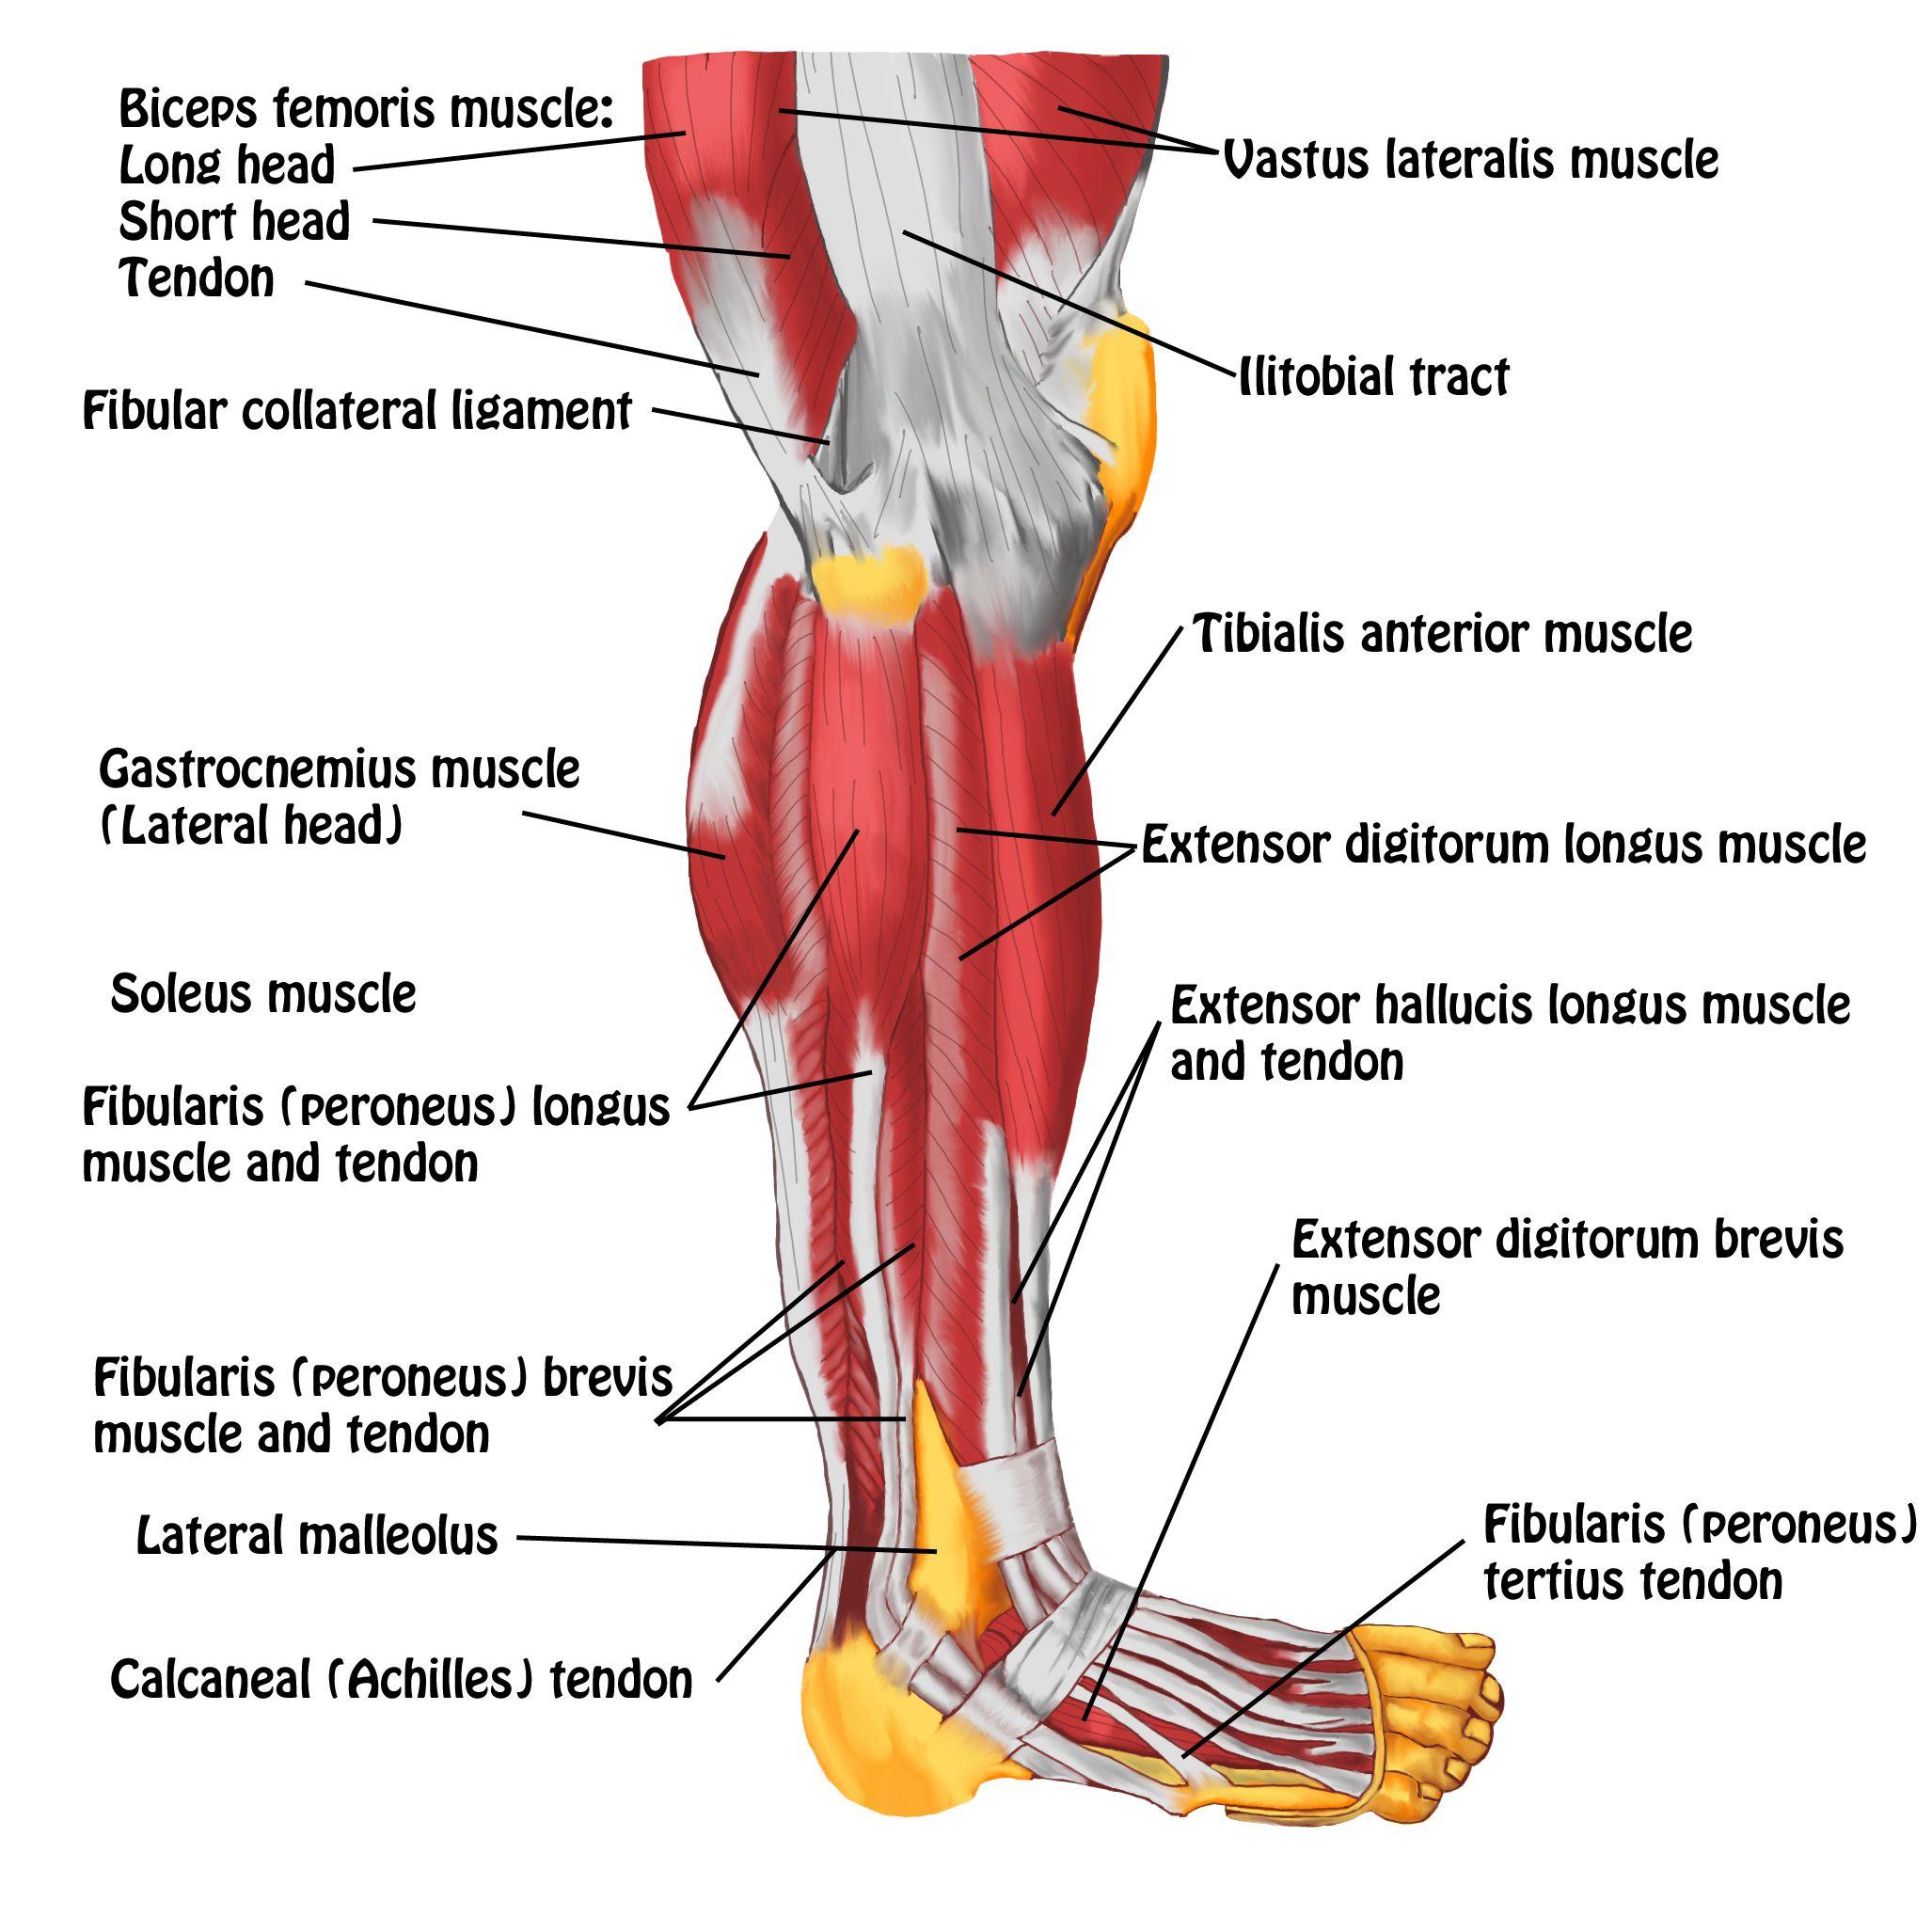 Tendons In Foot Diagram Diagram Of Lower Leg Muscles And Tendons Anatomy Of Lower Leg And Anatomie